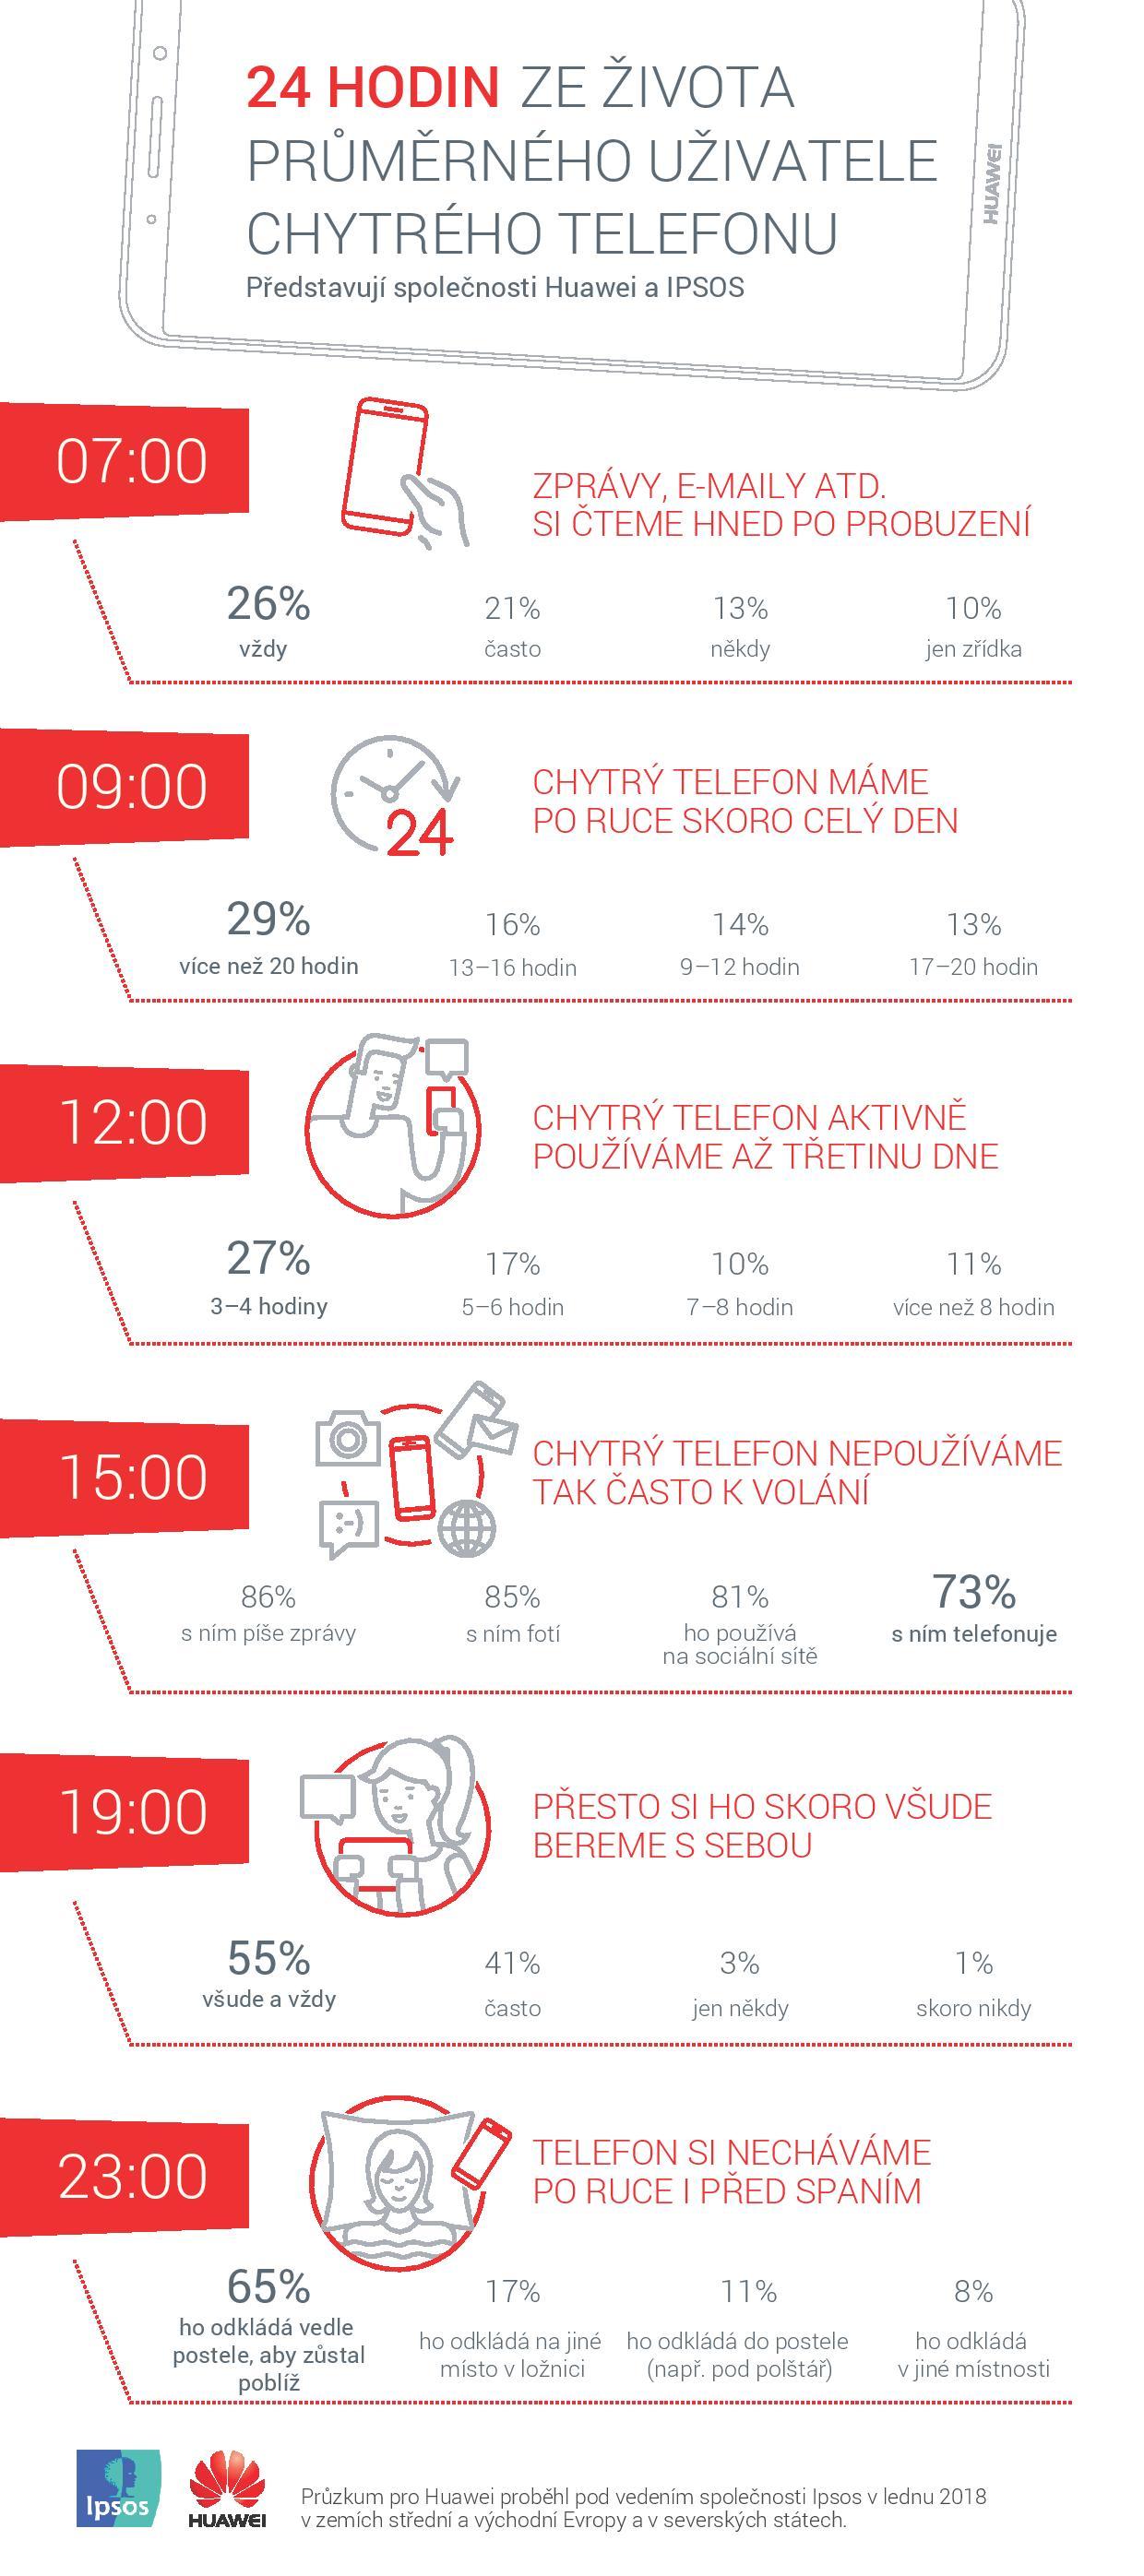 24-hodin-ze-zivota-prumerneho-uzivatele-smartphonu